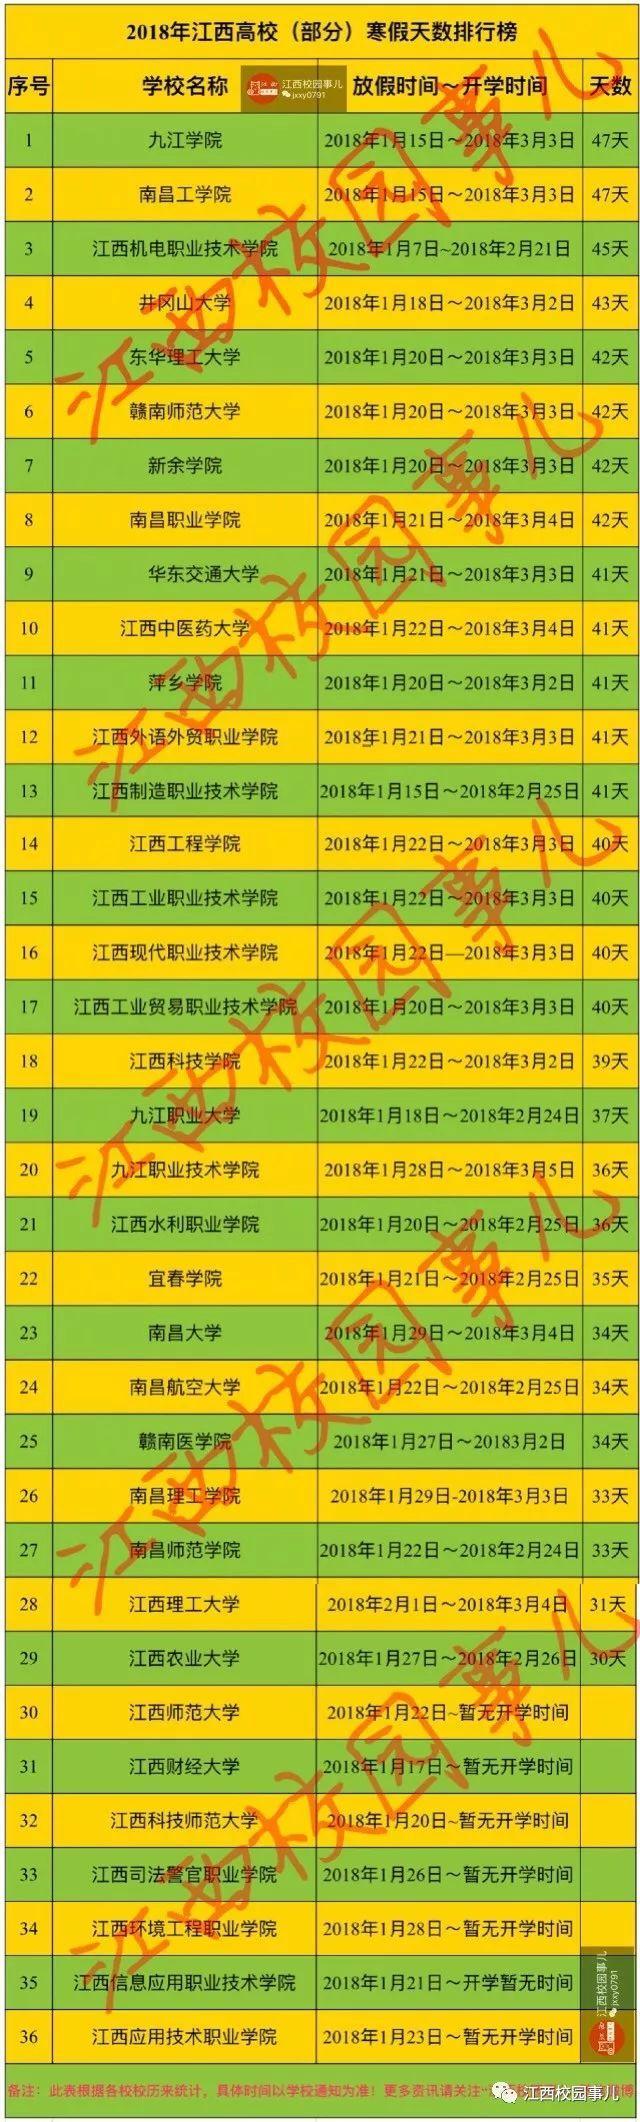 2018年江西各大学寒假放假时间